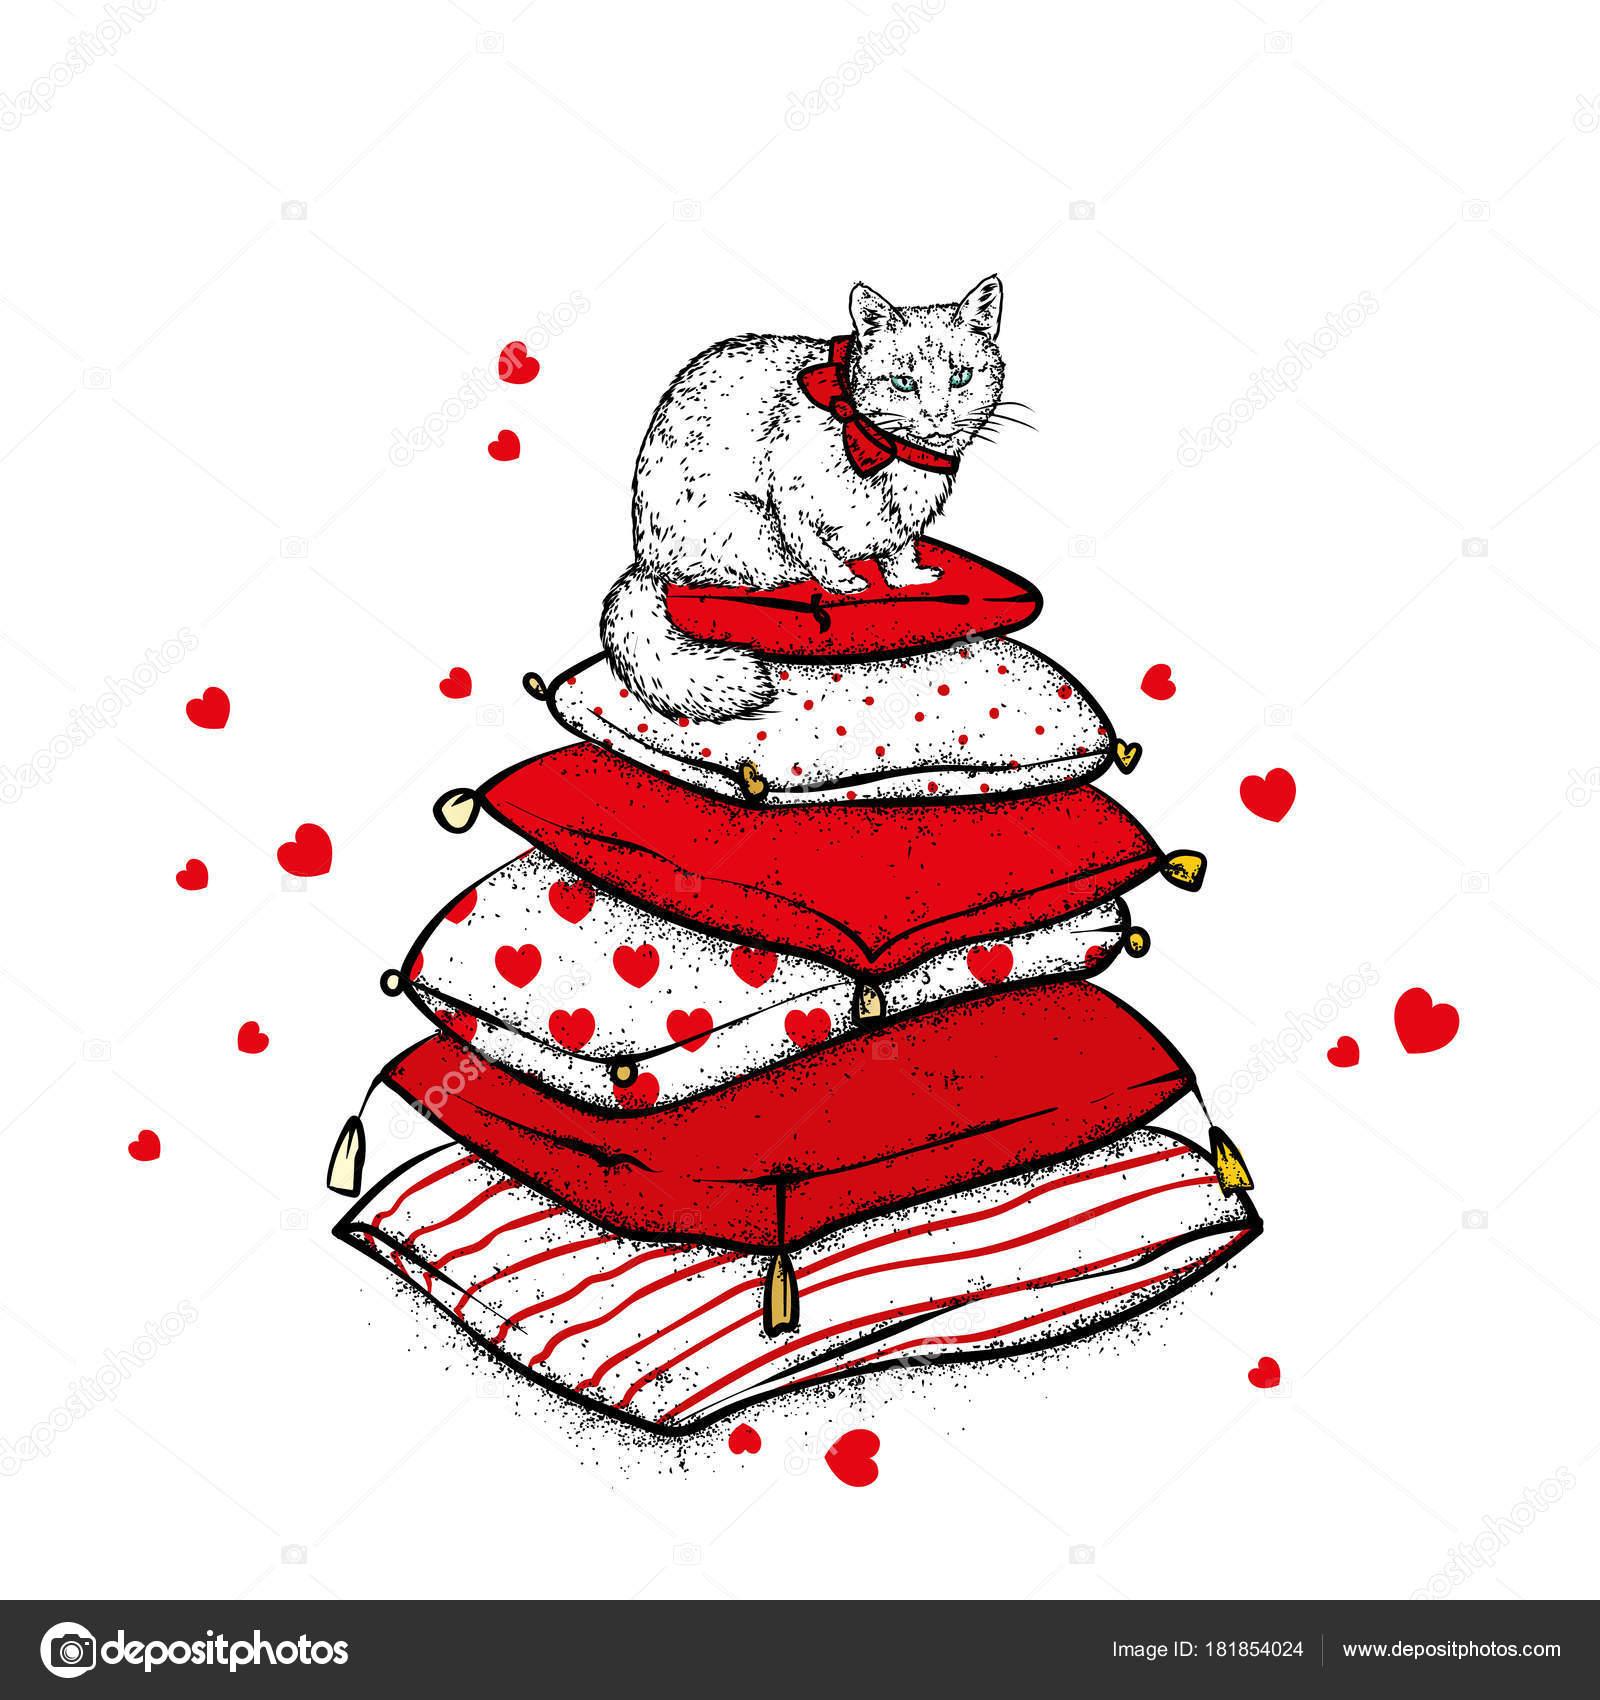 Imágenes Gato Amor Y Amistad Gato Las Almohadillas Con Corazones